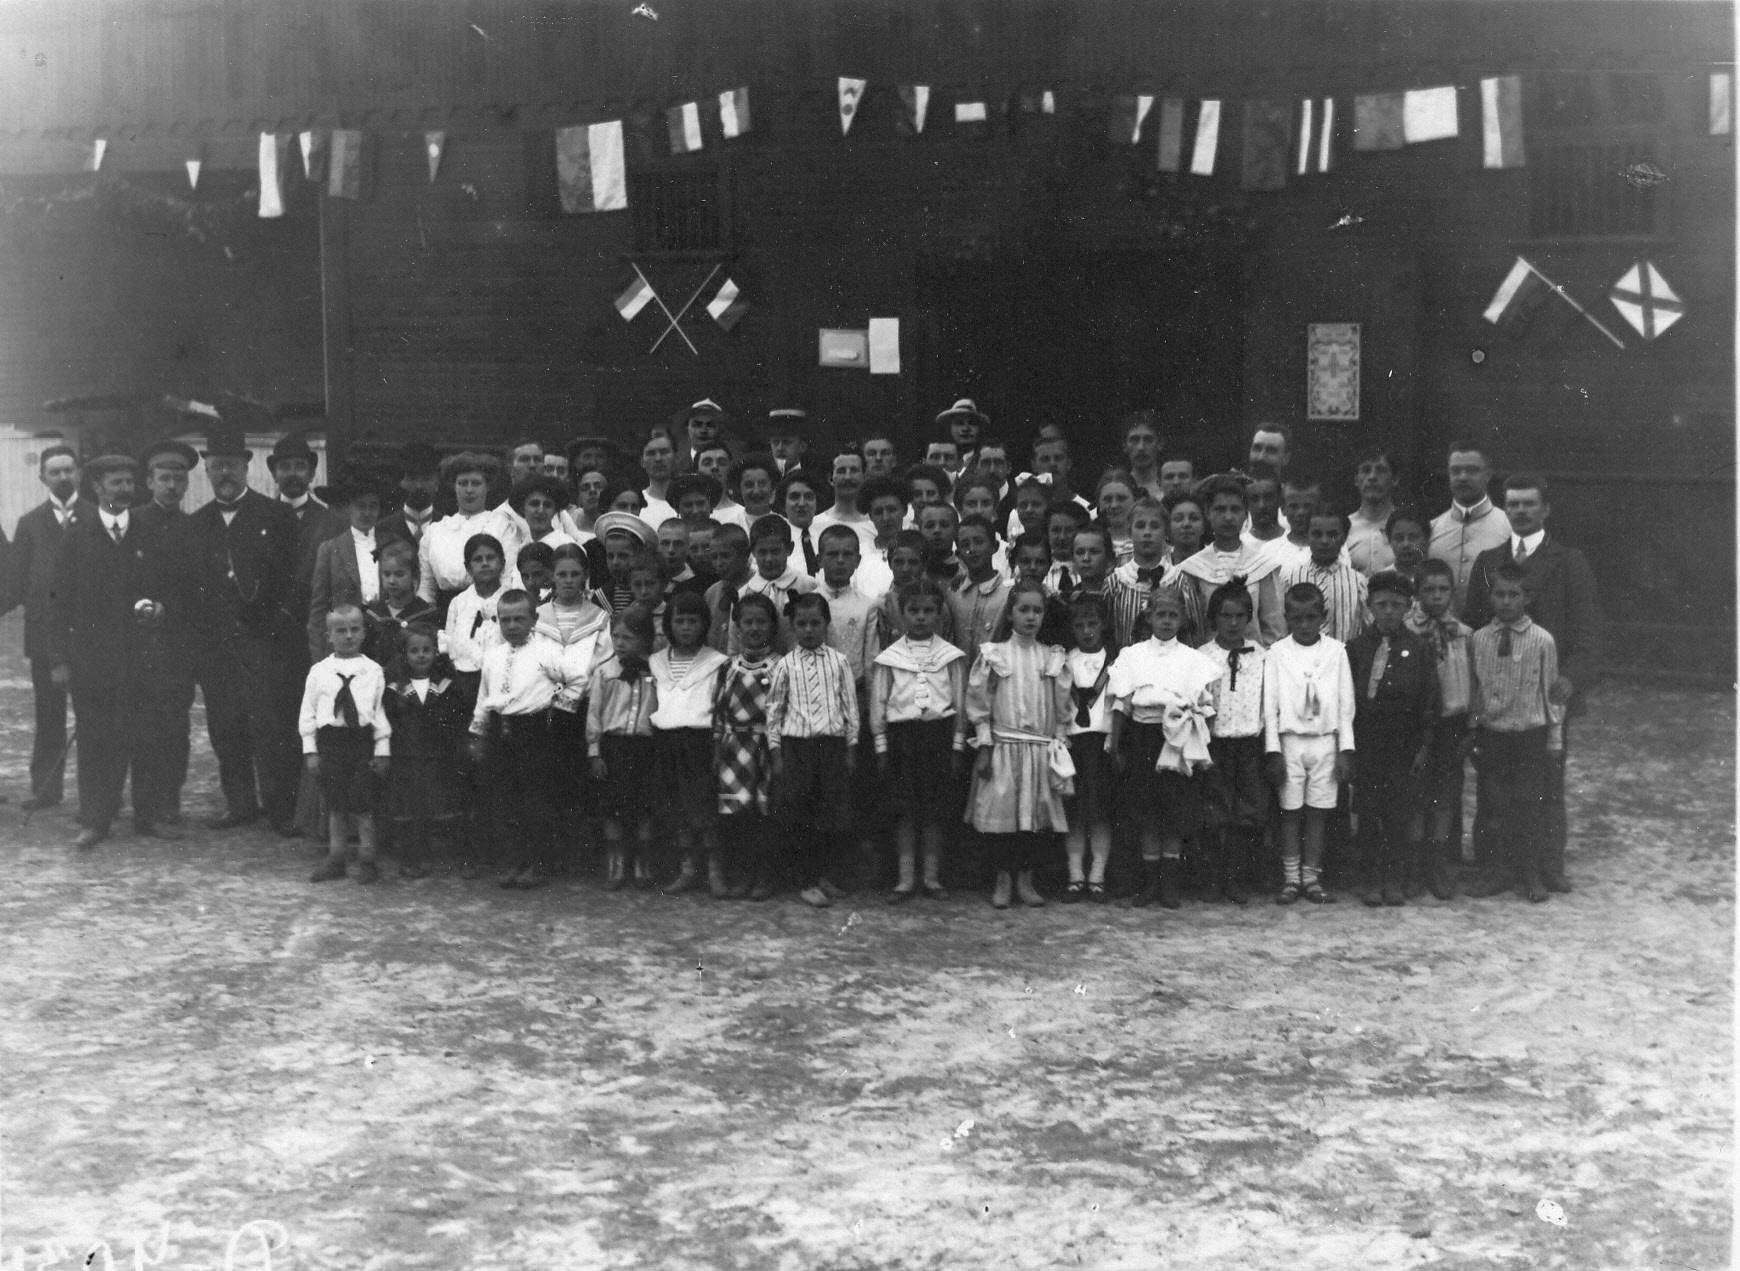 Группа детей и взрослых членов гимнастического общества «Пальма» на спортивной площадке